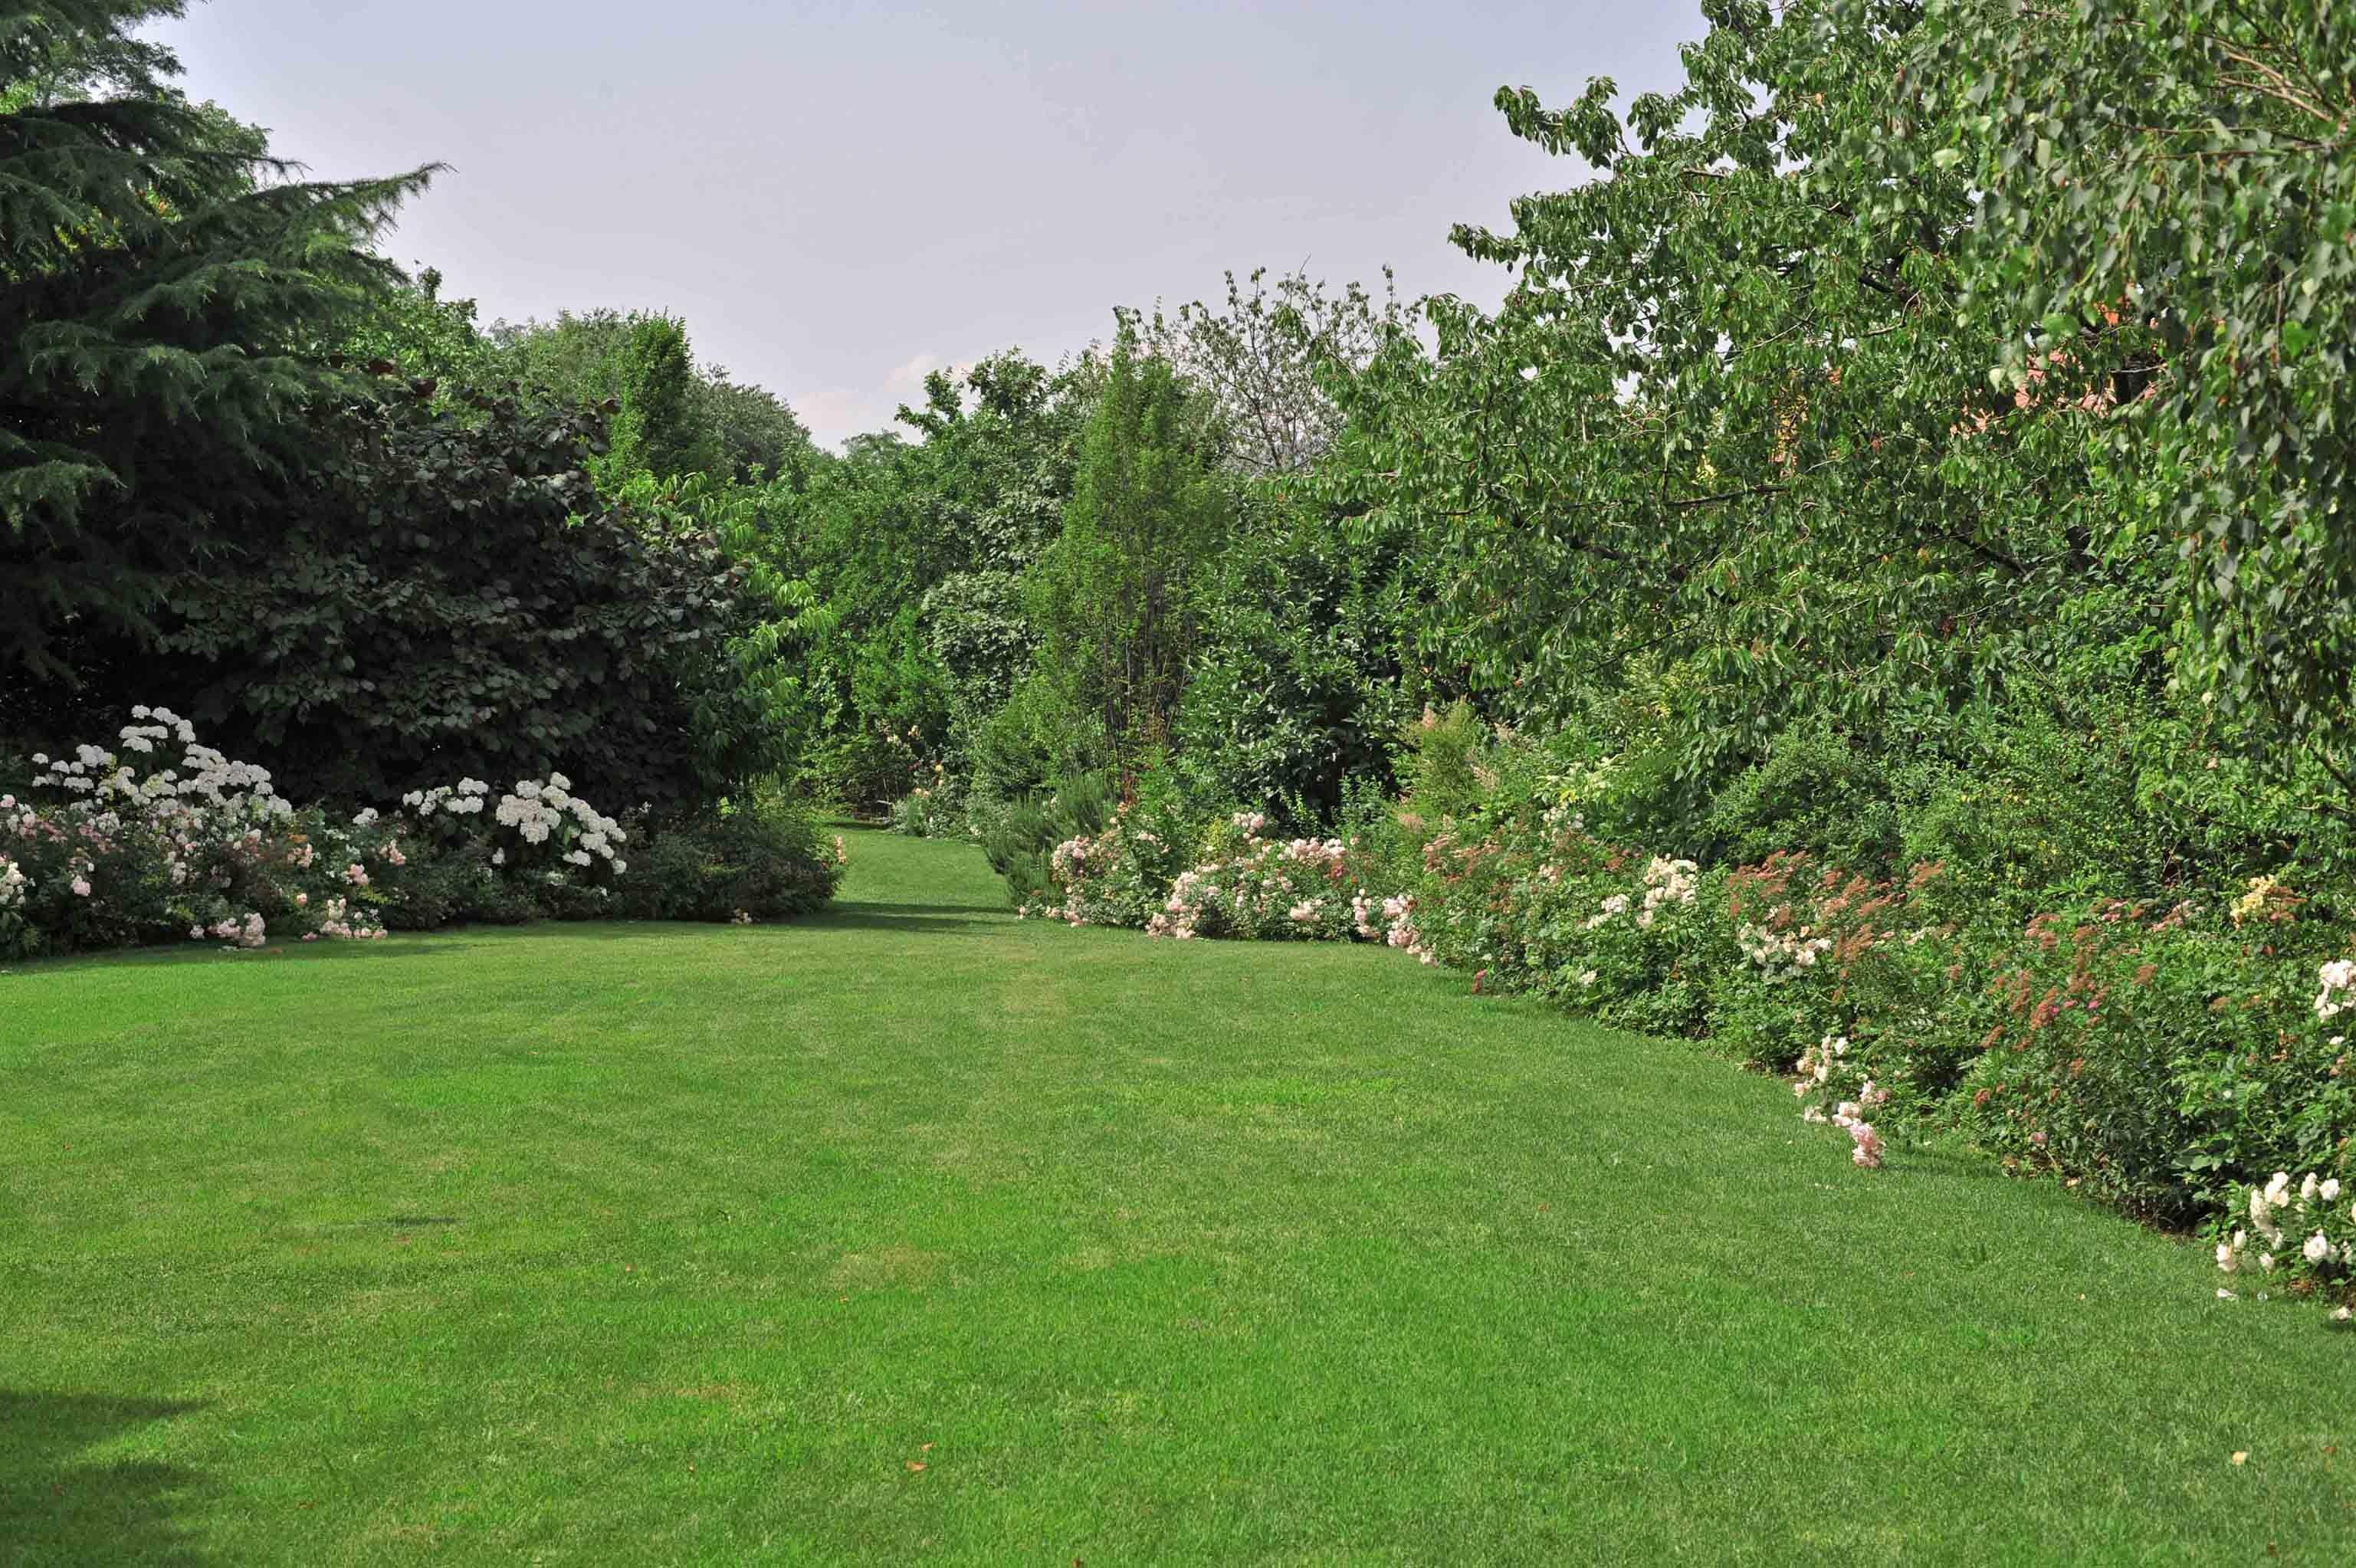 تفاصيل الحديقة الصغيرة - الحدائق